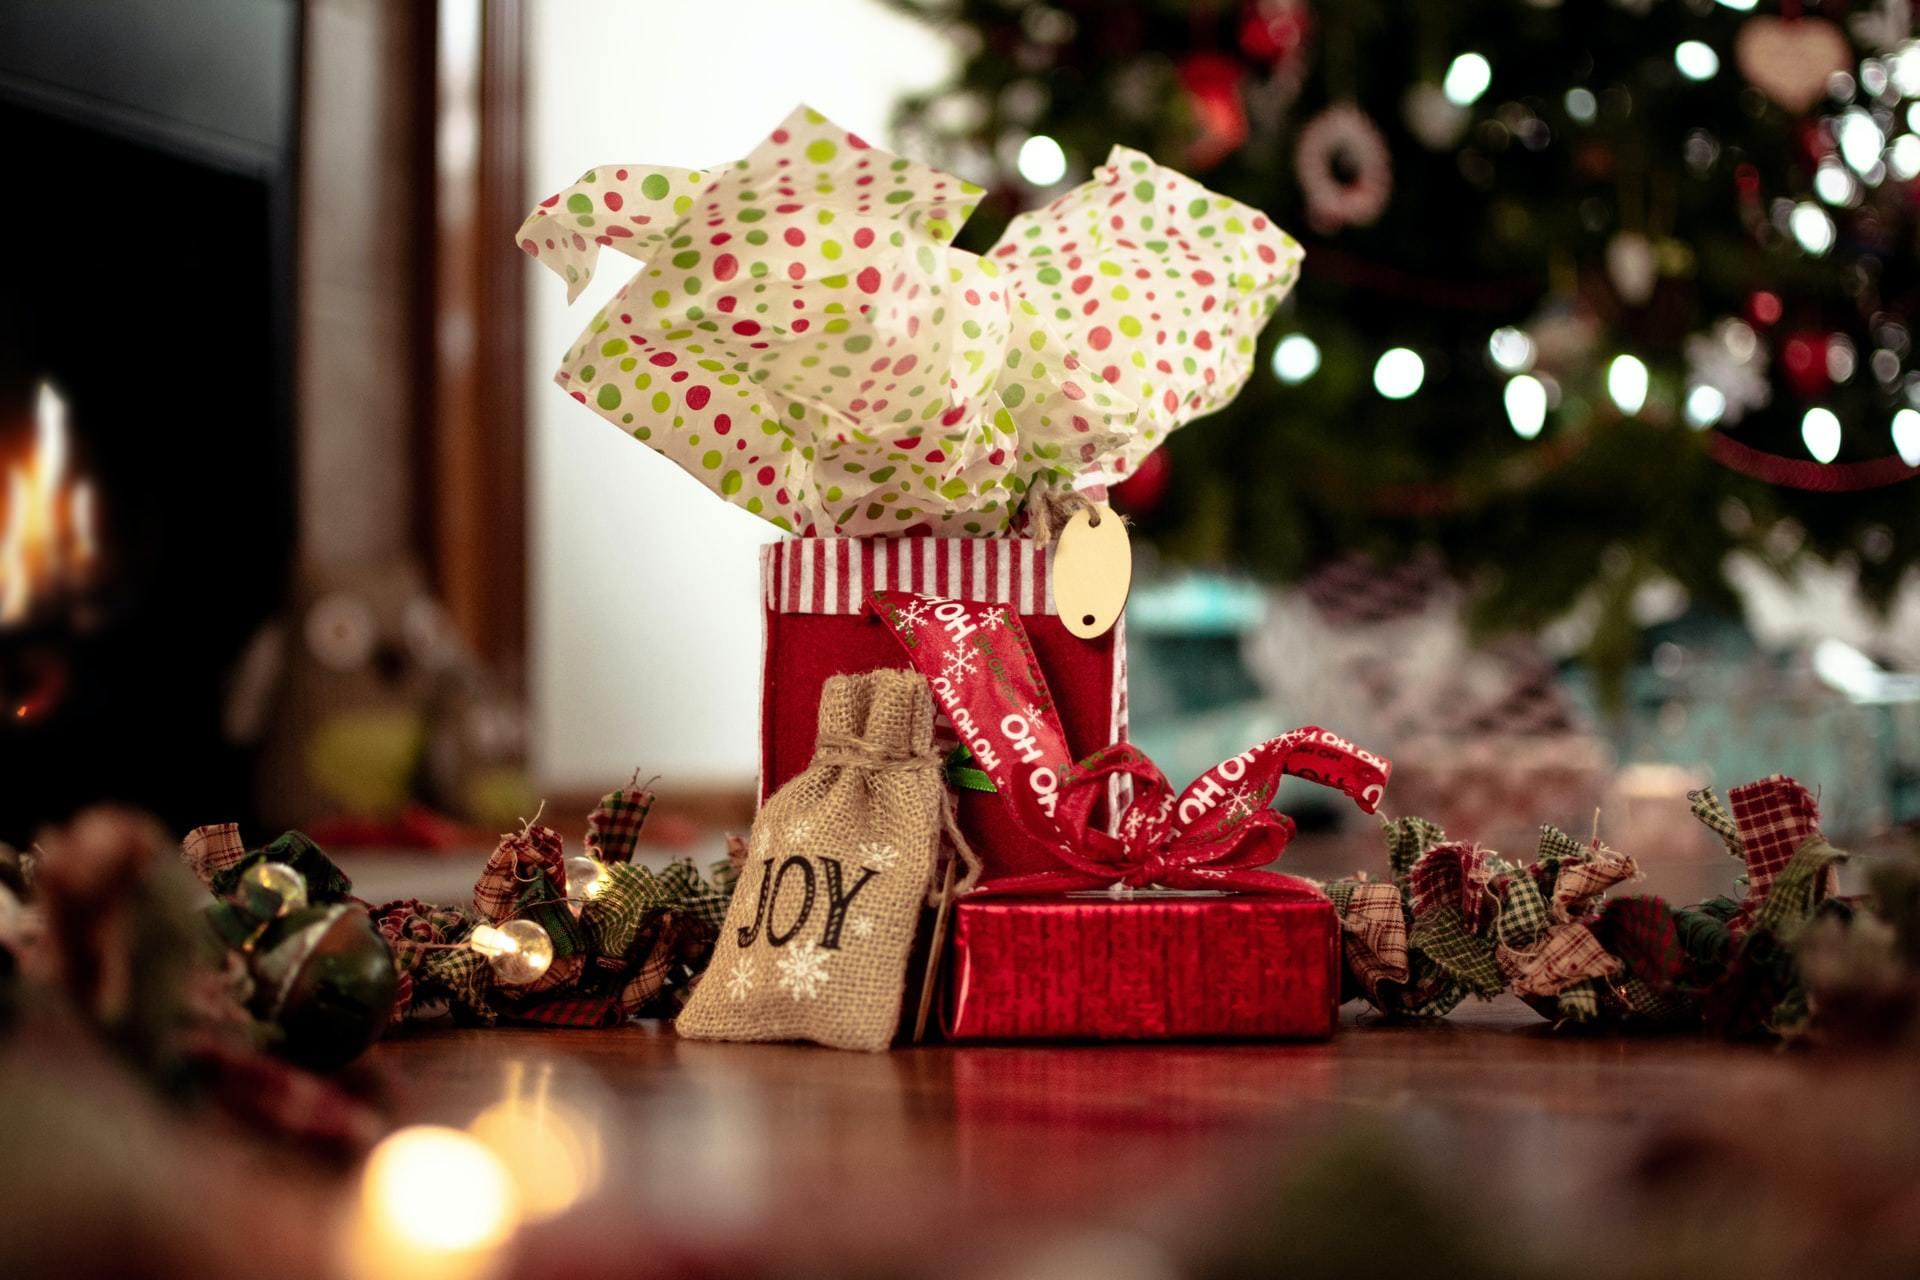 クリスマスツリーの下に置かれたプレゼント